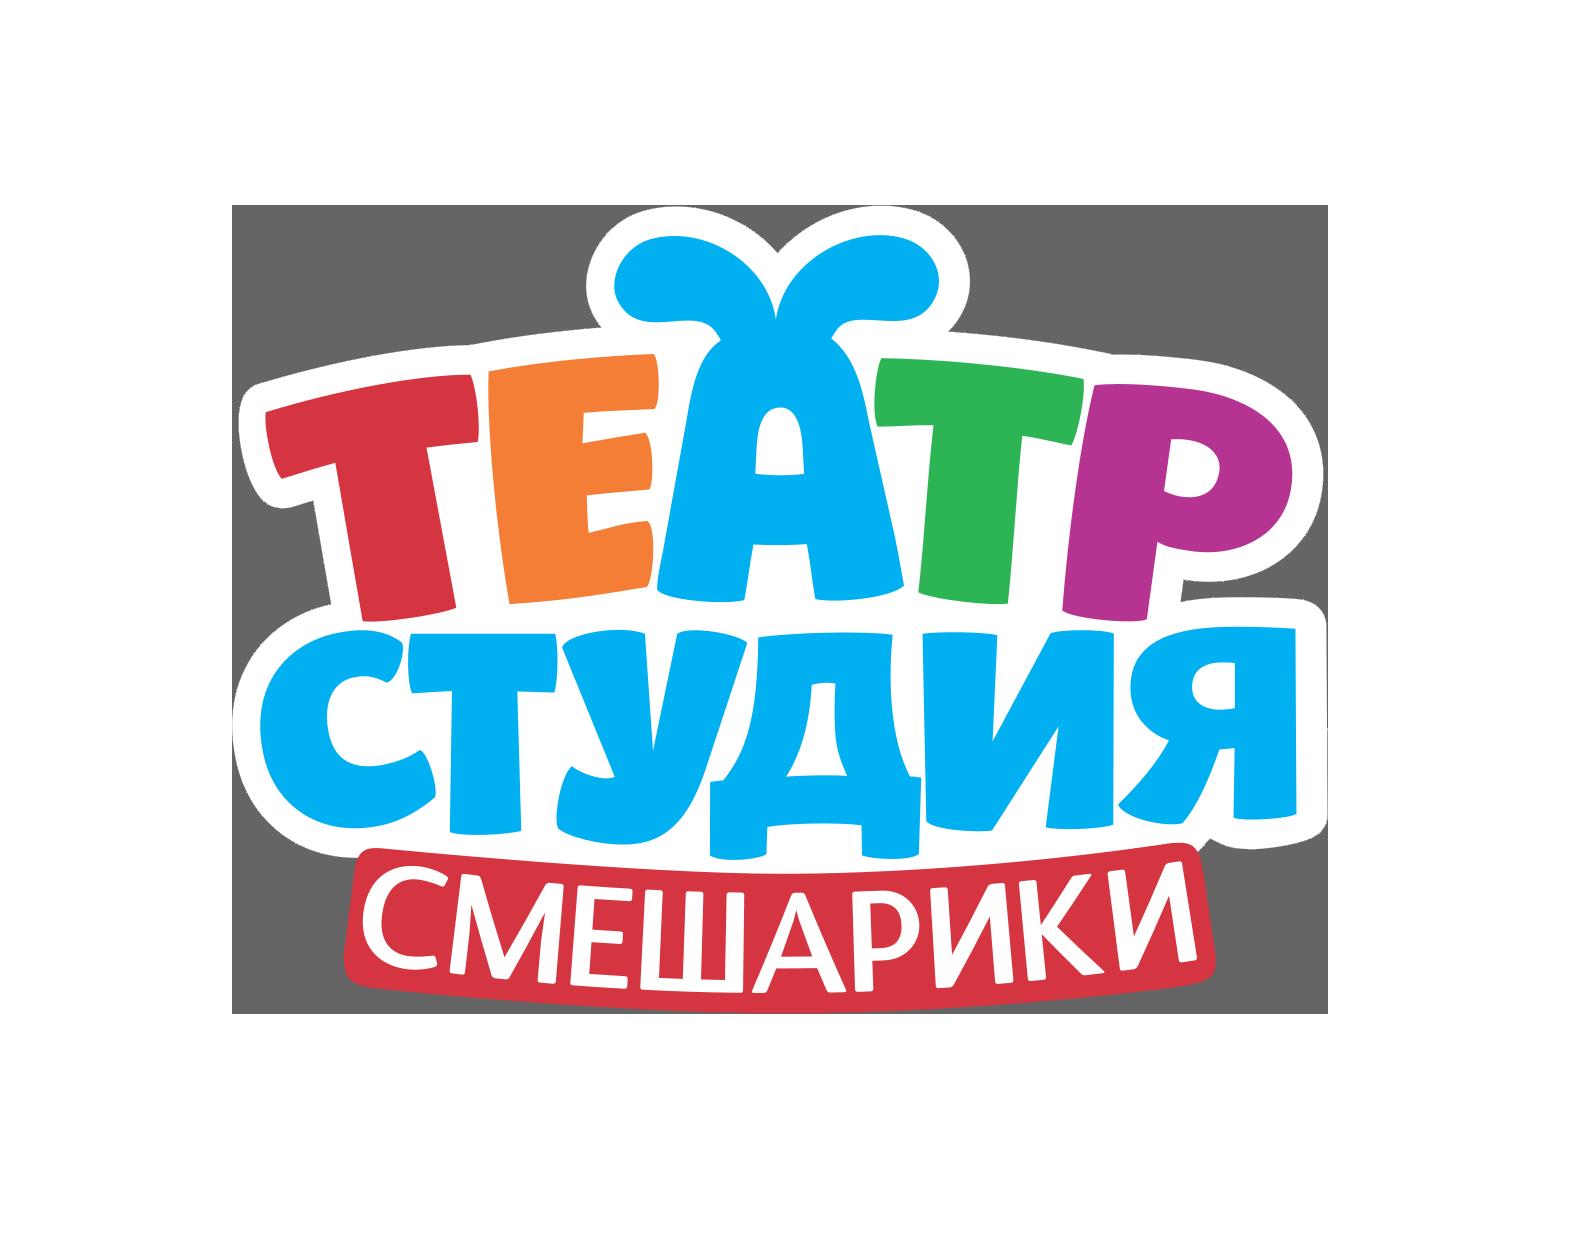 http://spb.smeshariki.ru/